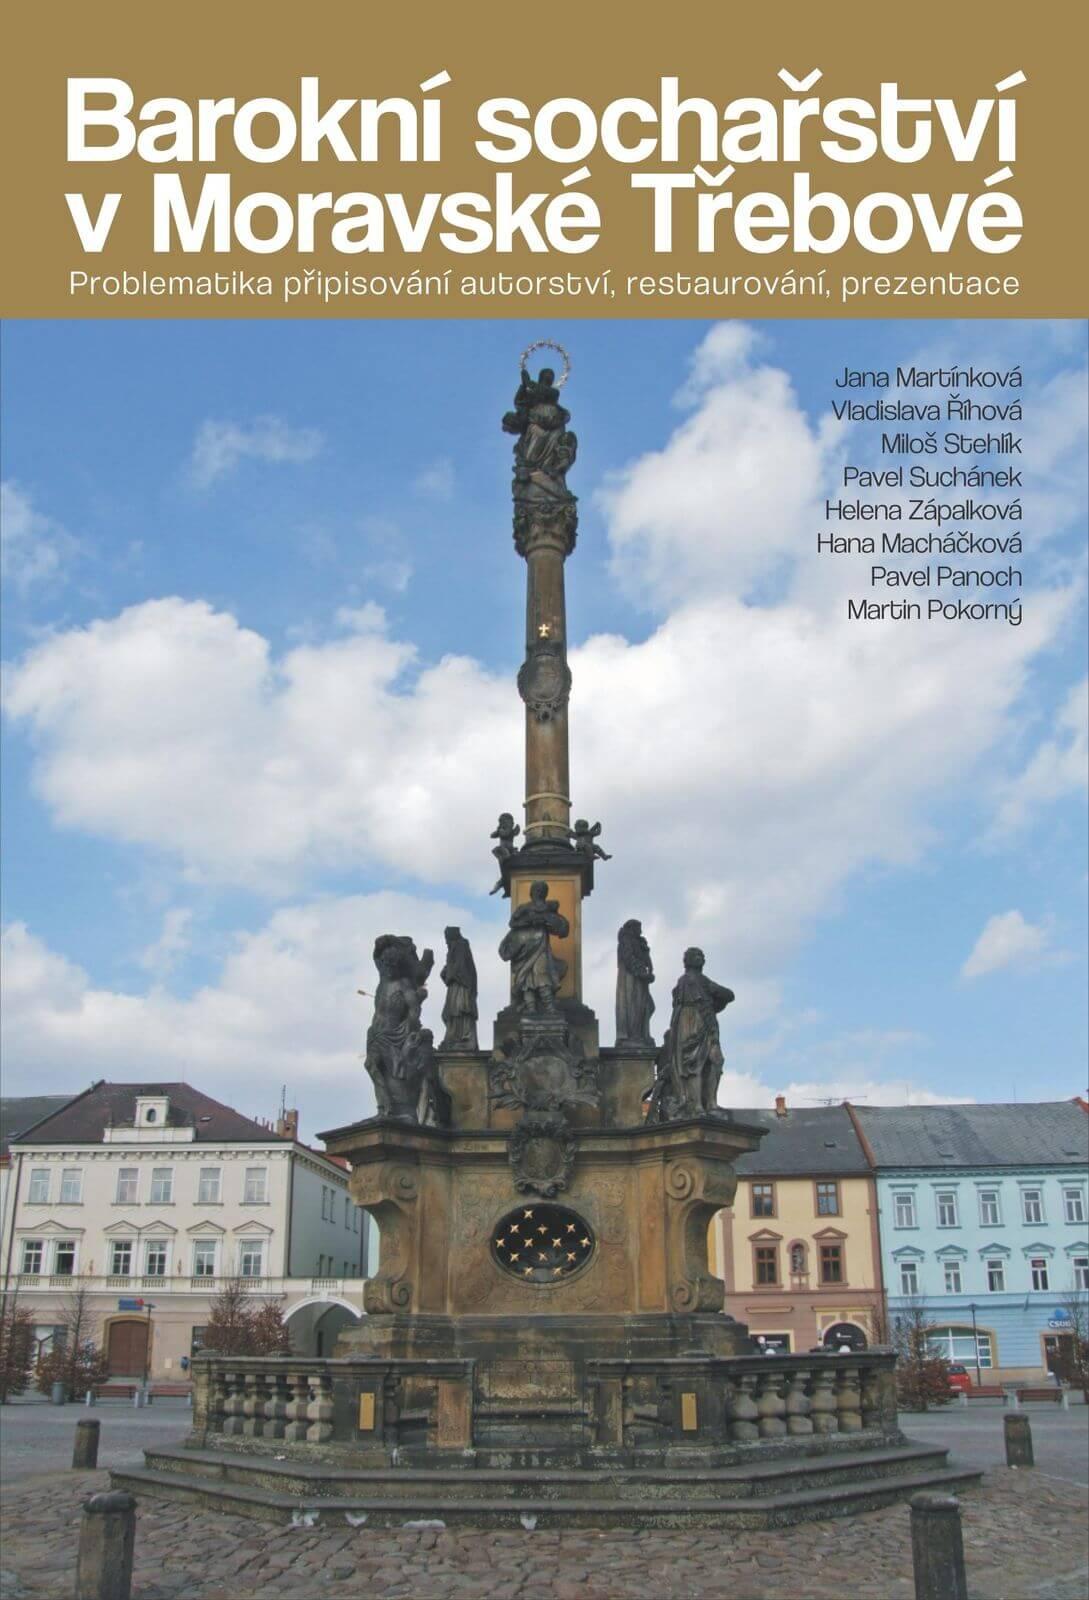 Barokní sochařství v Moravské Třebové